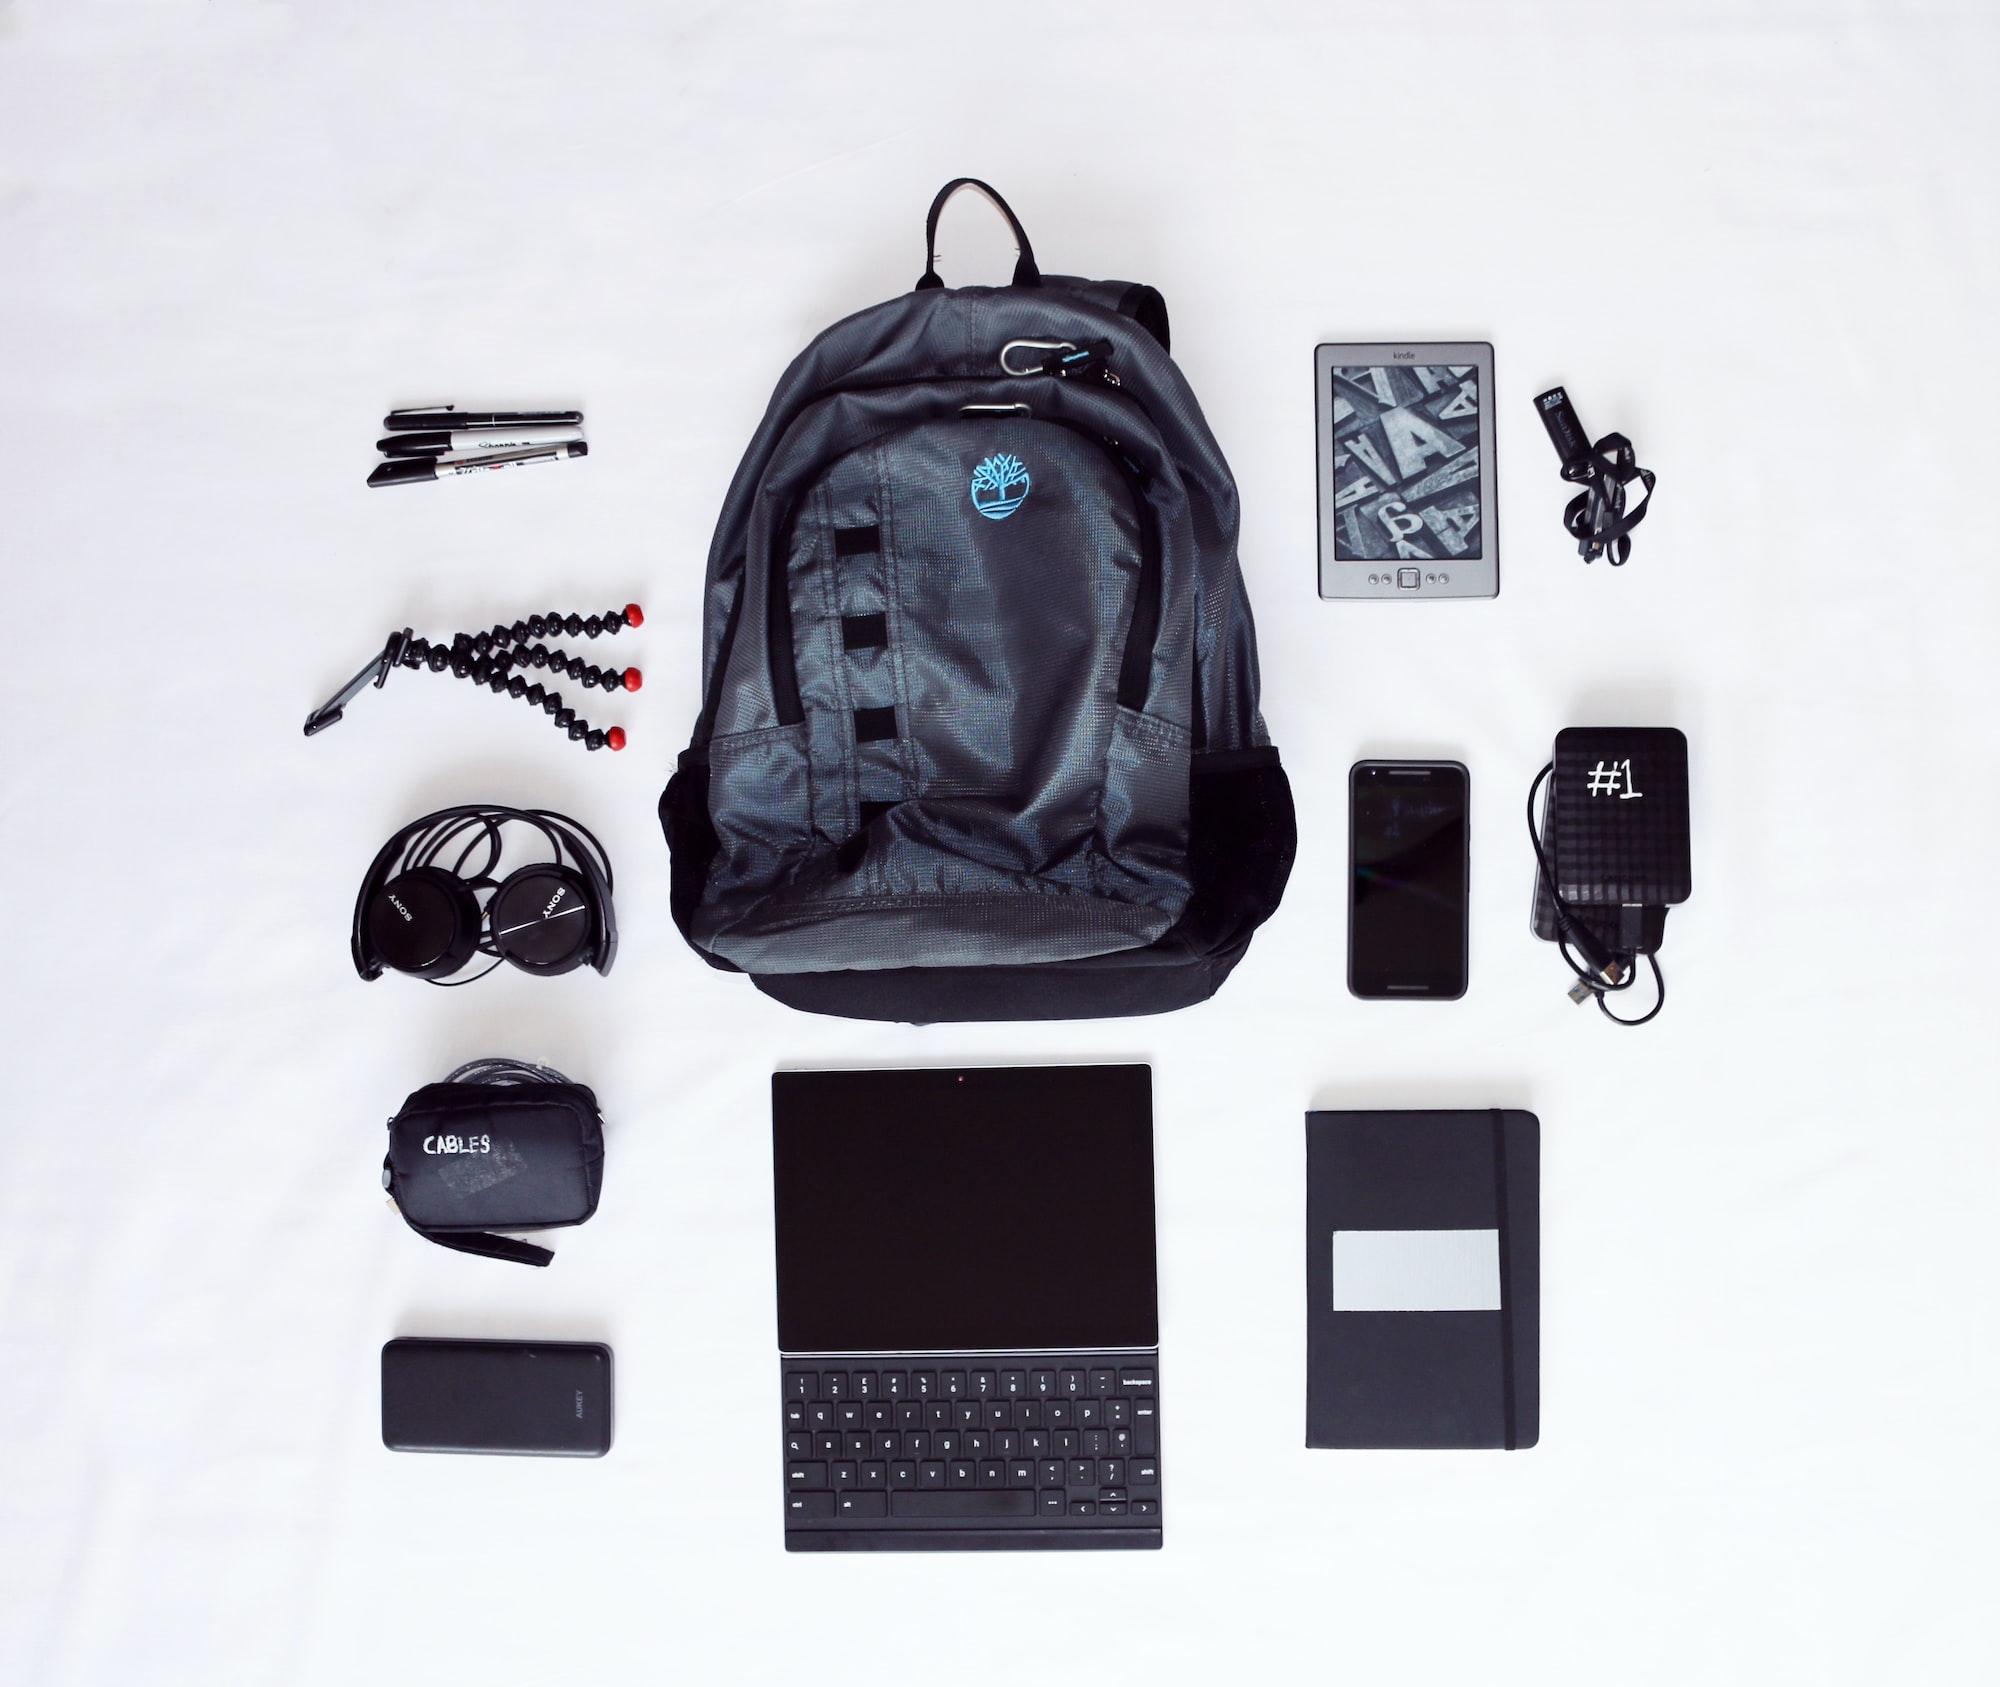 Daniel's Social Media Hardware Bag